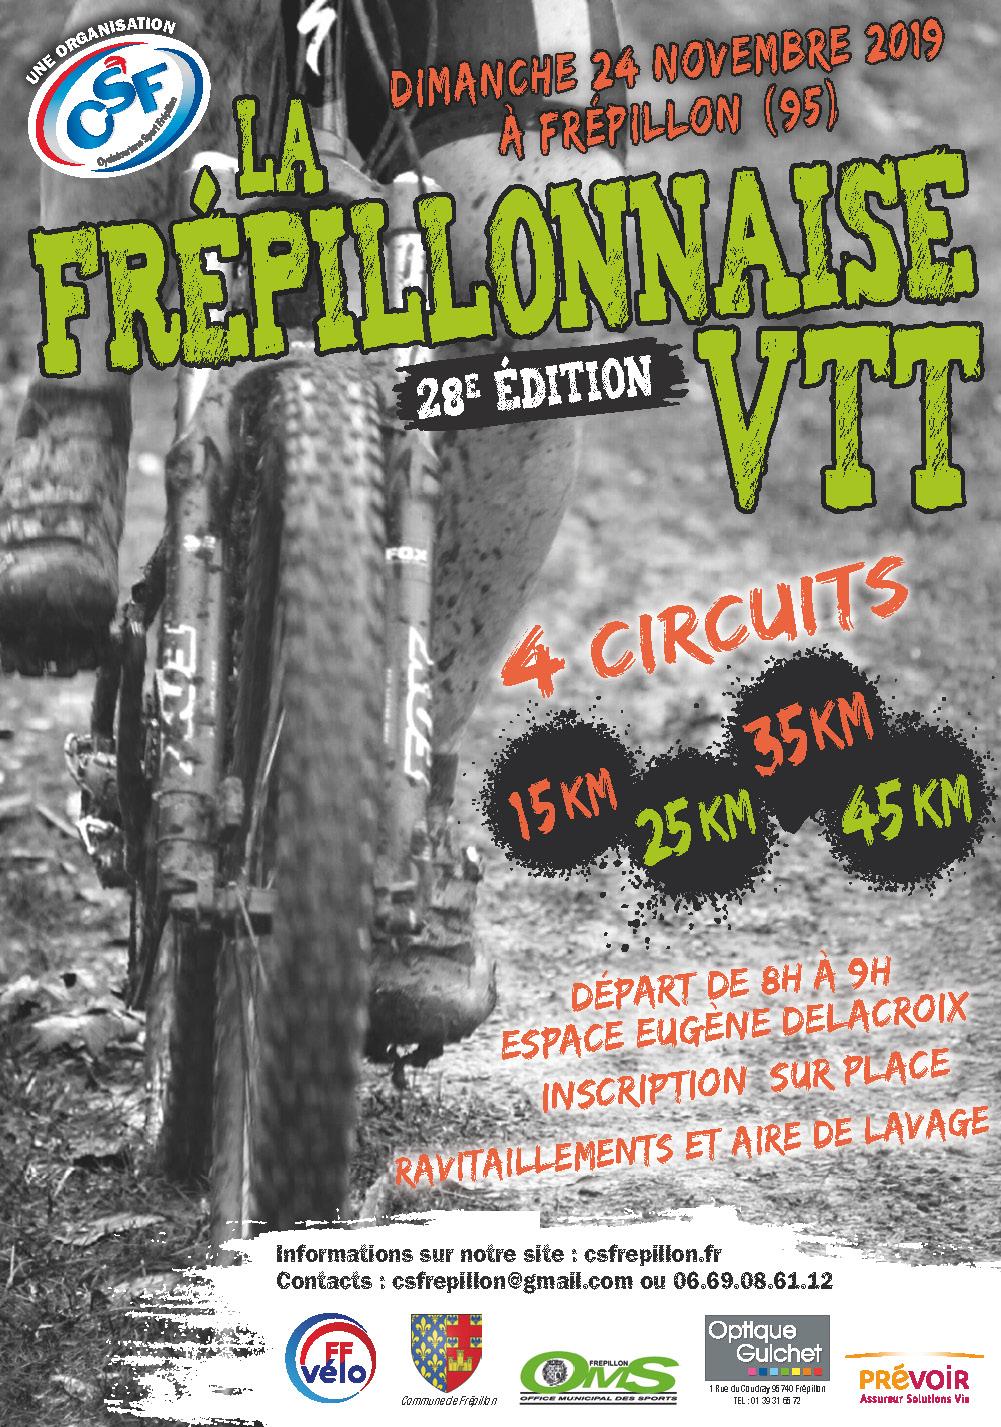 ( 24/11/2019 ) pour la 28e édition La Frépillonnaise VTT X8422_10